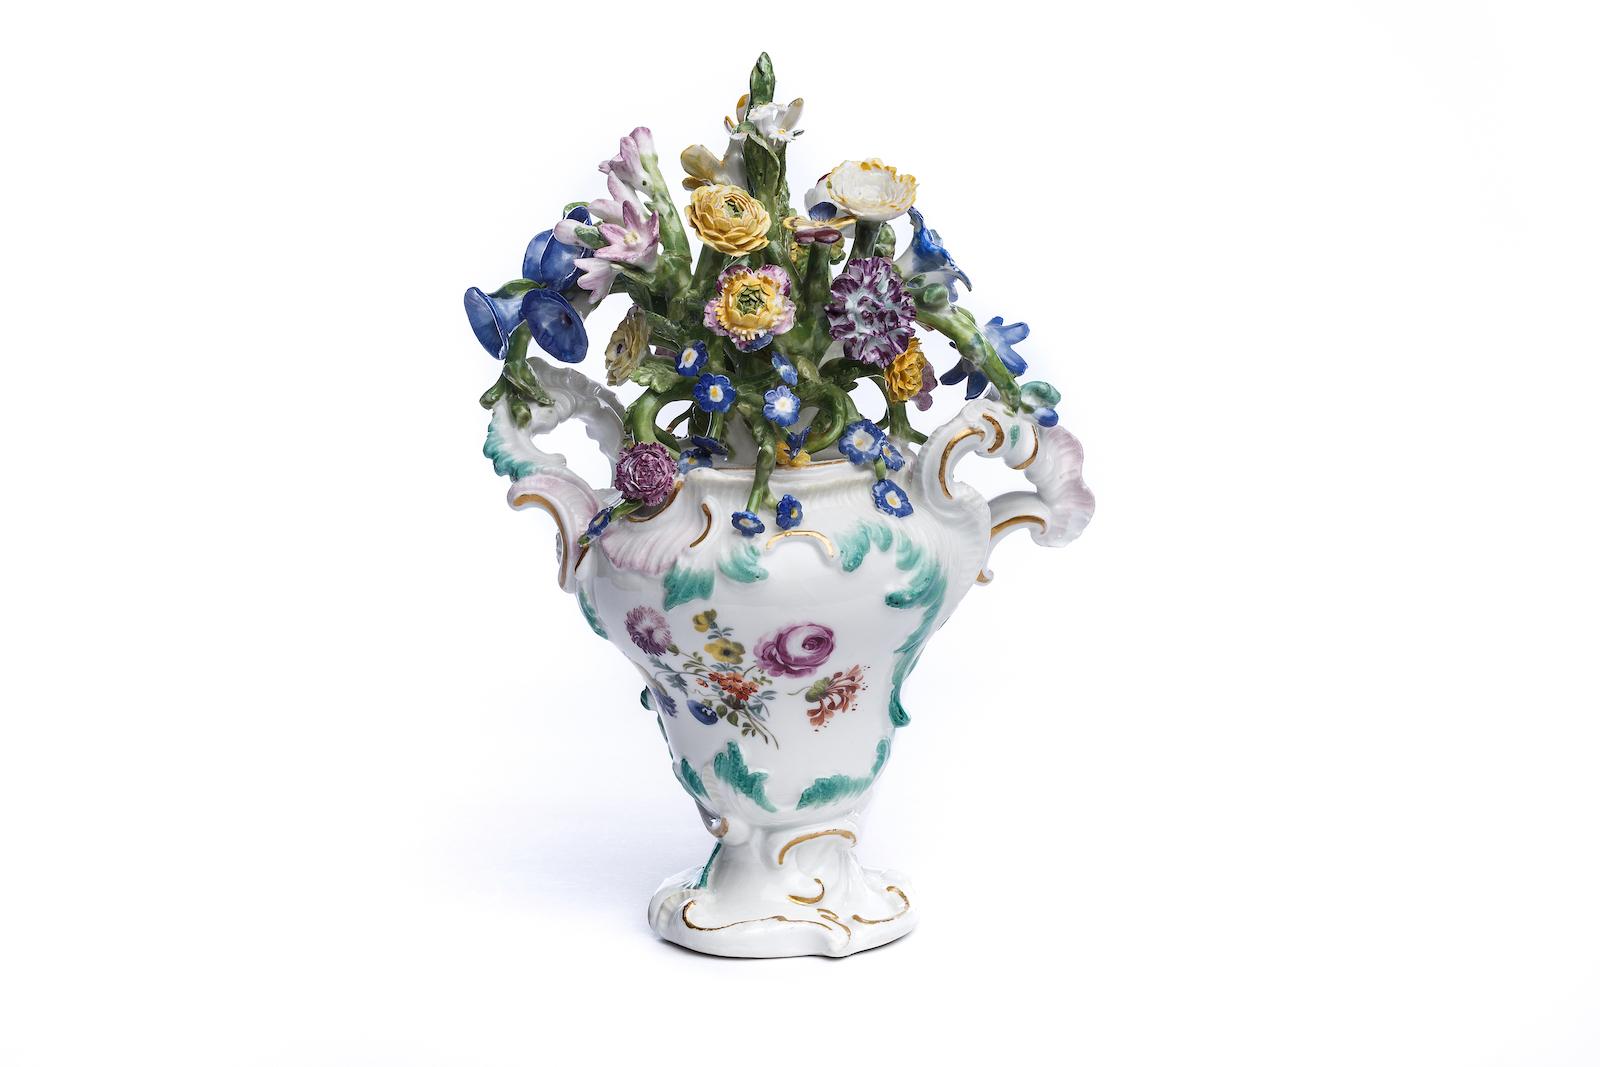 #171 Vase mit Blumen, Meissen 1750 | Vase with flowers, Meissen 1750 Image